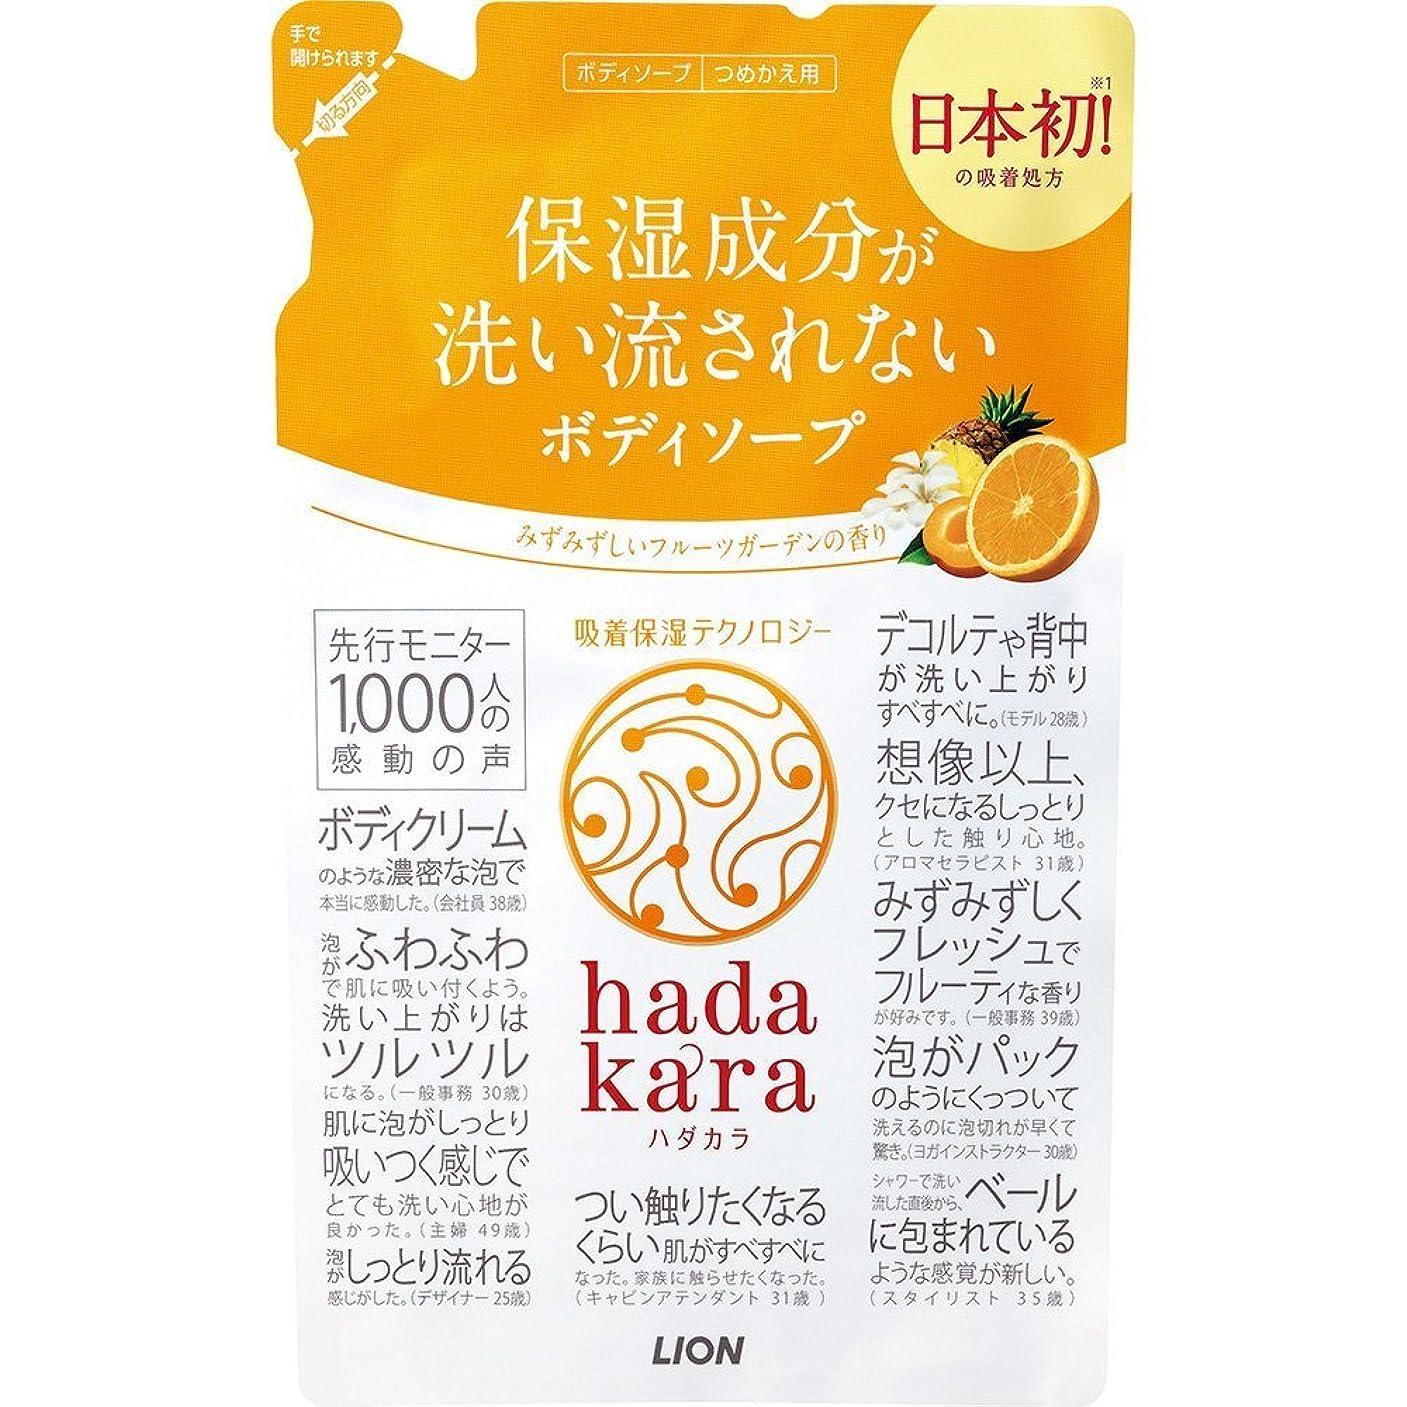 陰気収束未亡人hadakara(ハダカラ) ボディソープ フルーツガーデンの香り 詰め替え 360ml